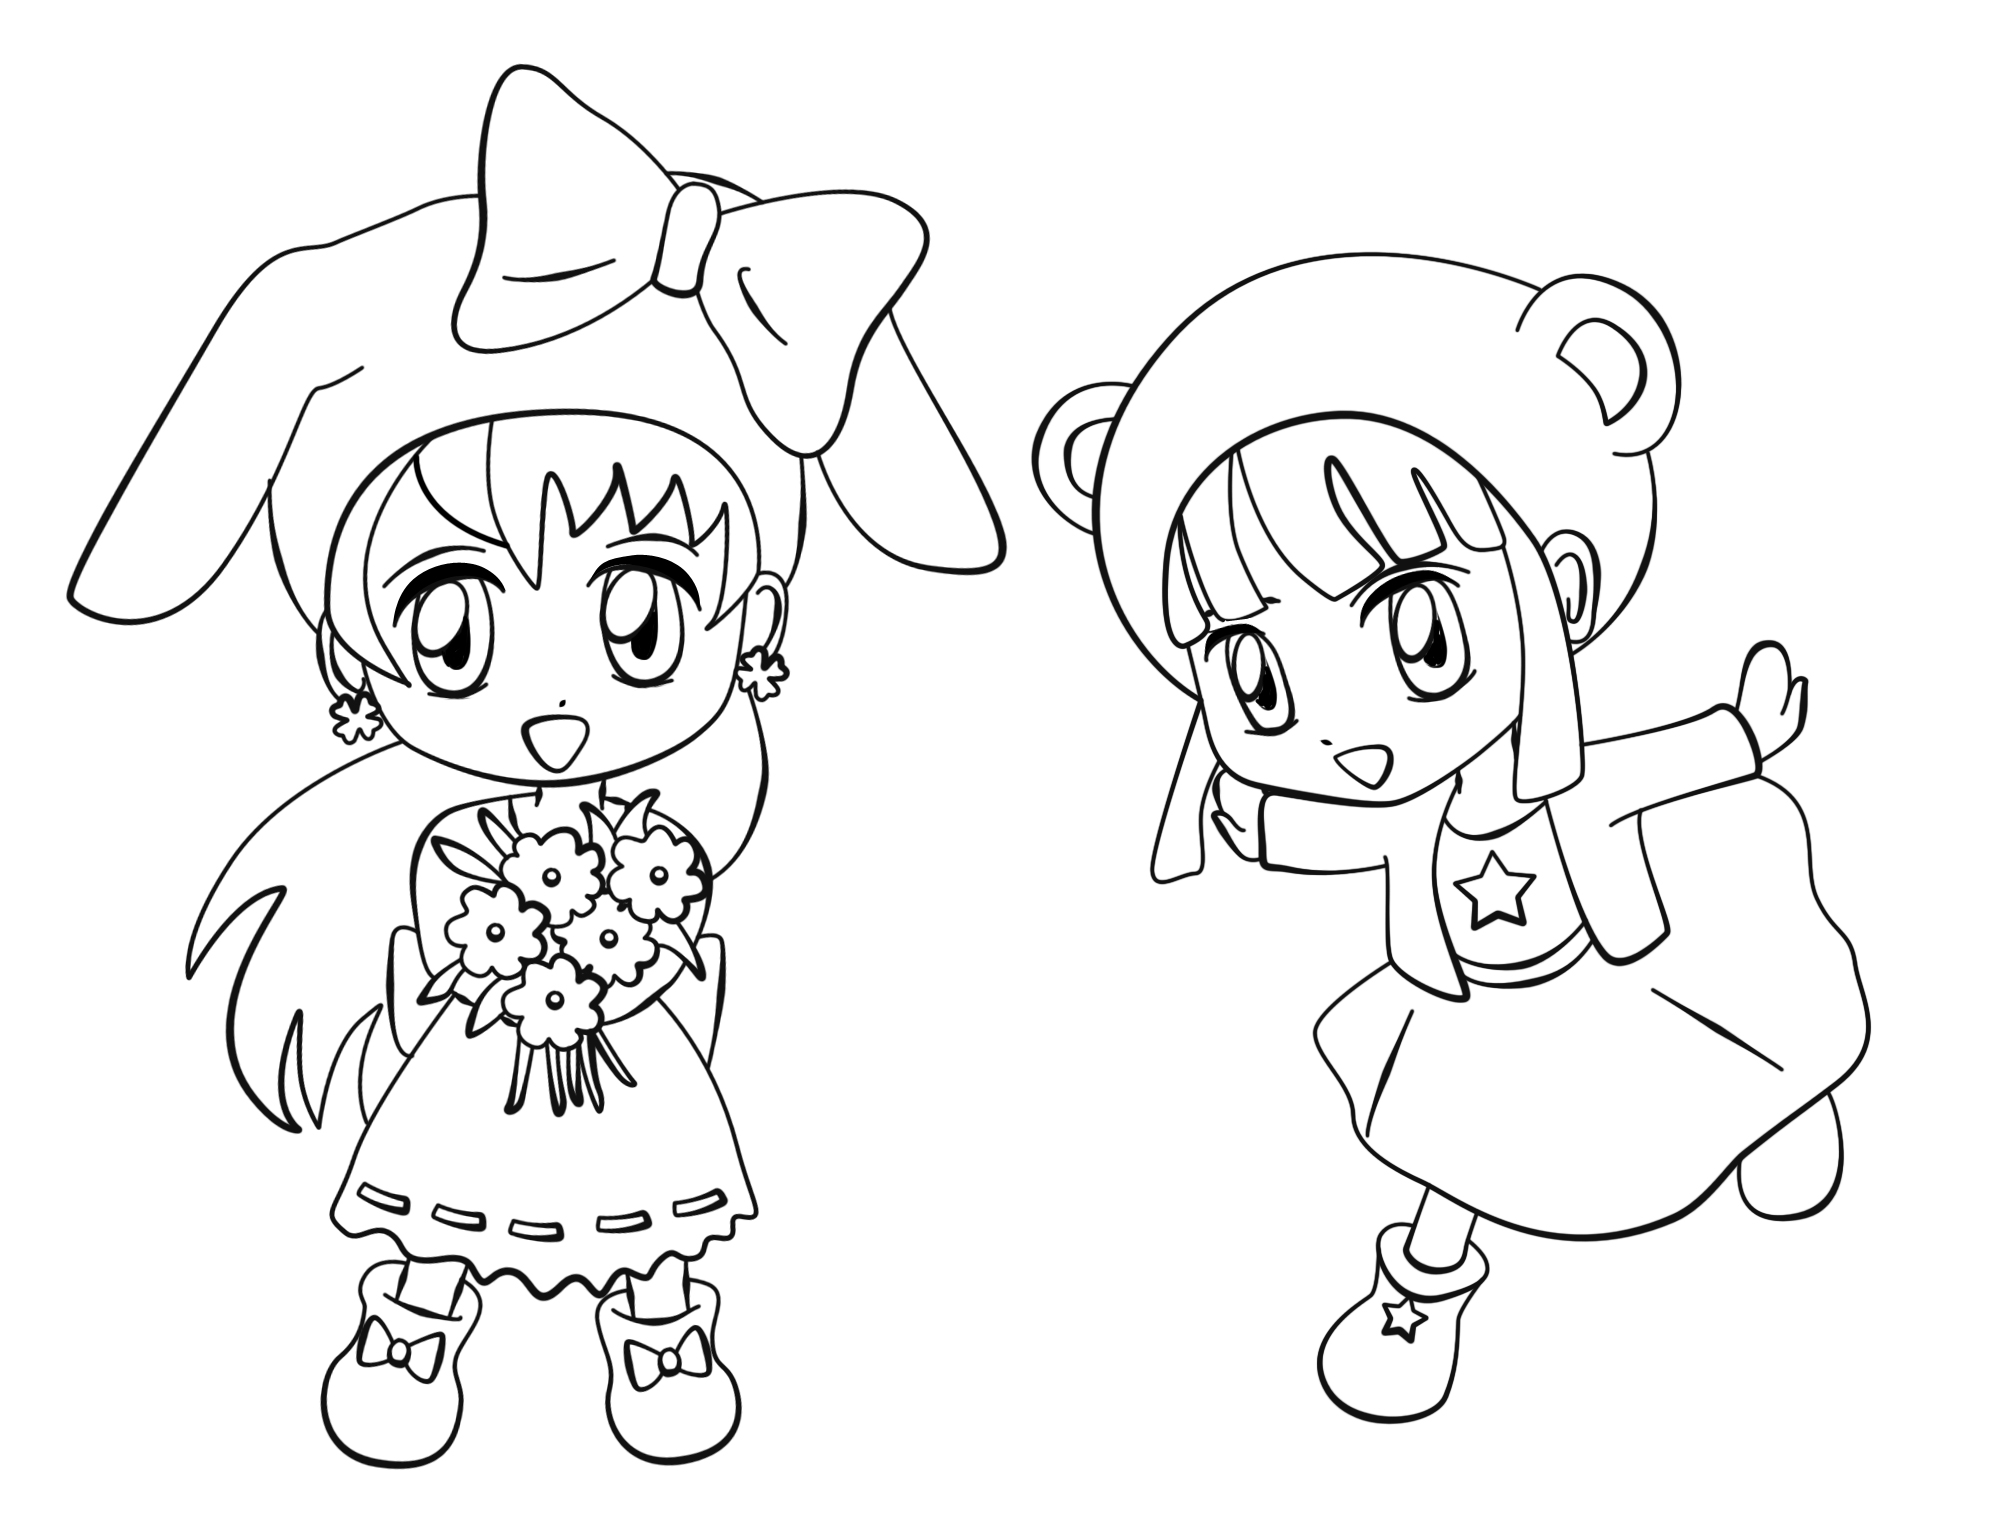 84 dessins de coloriage manga imprimer sur - Coloriage manga gratuit ...